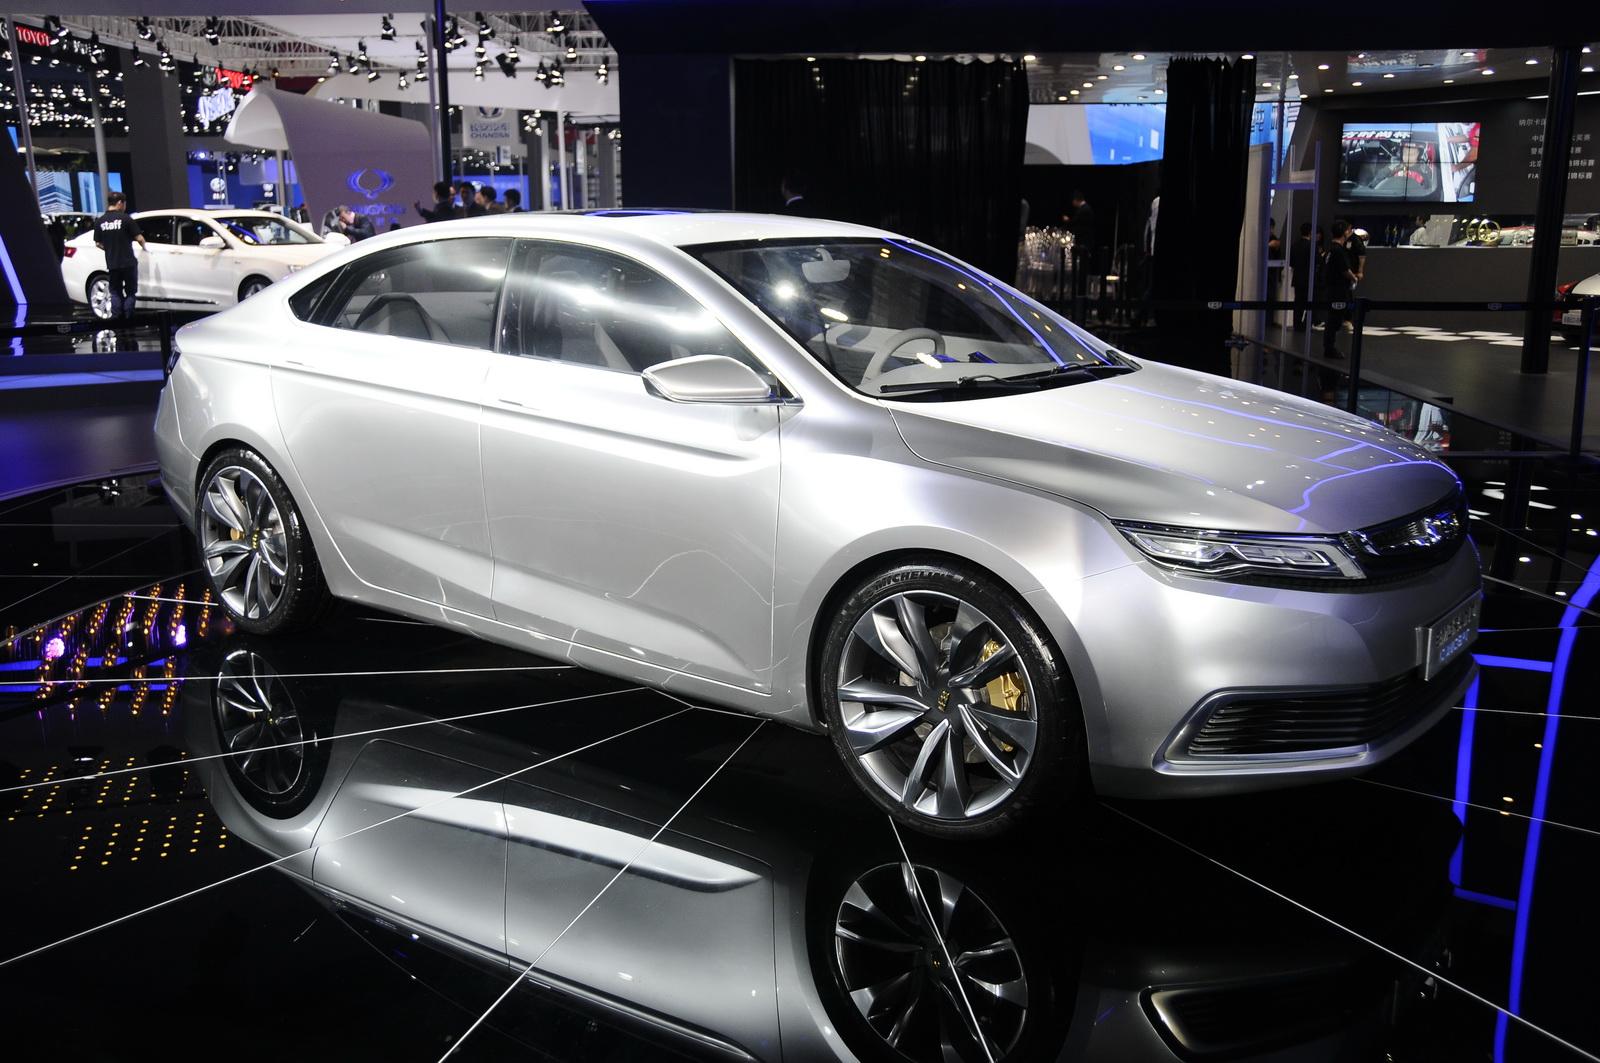 Xe Trung Quốc lột xác với thiết kế Châu Âu